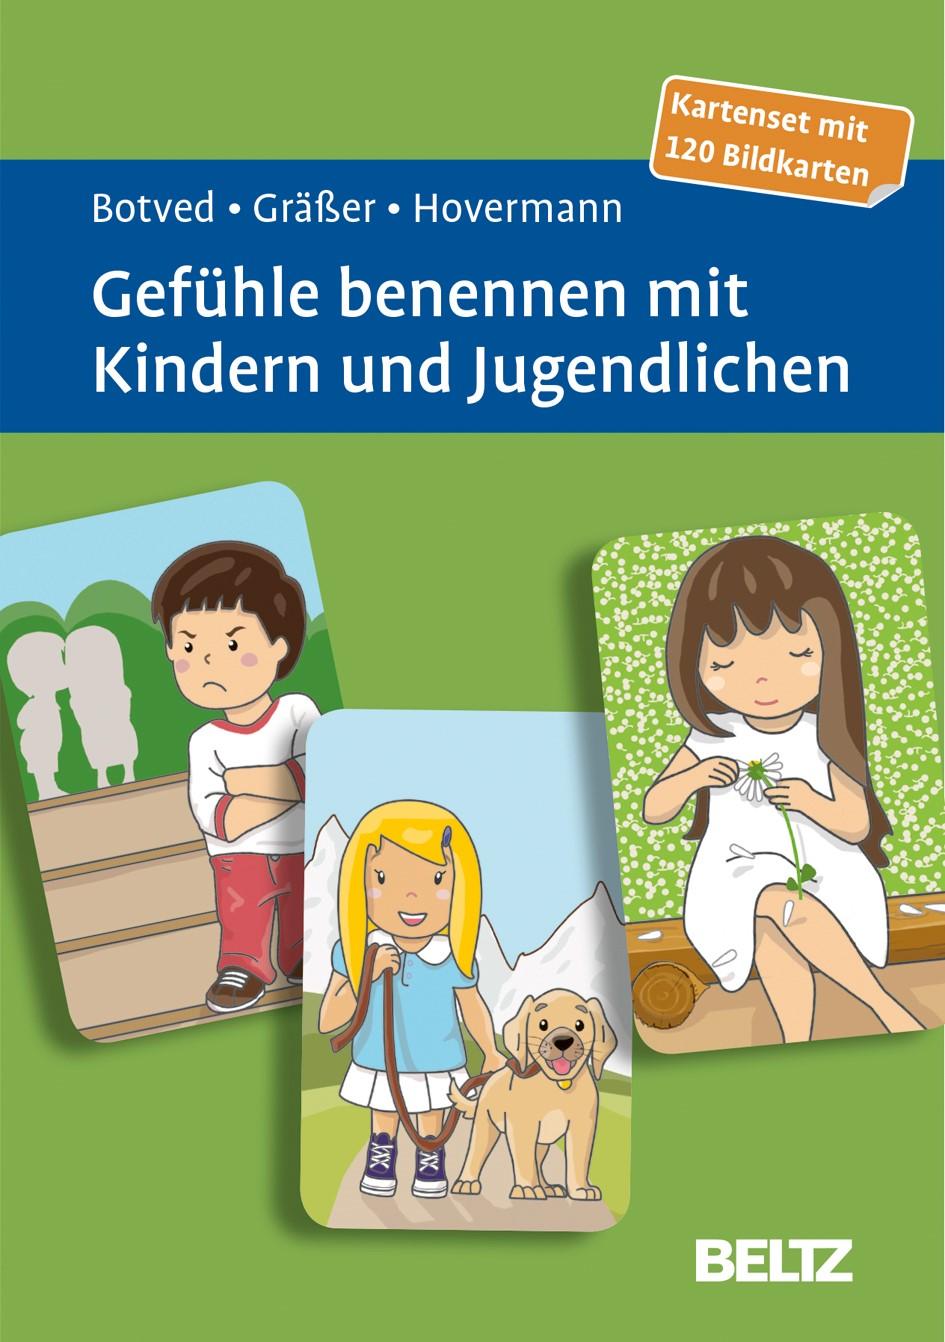 Gefühle benennen mit Kindern und Jugendlichen | Botved / Gräßer / Hovermann jun., 2016 (Cover)